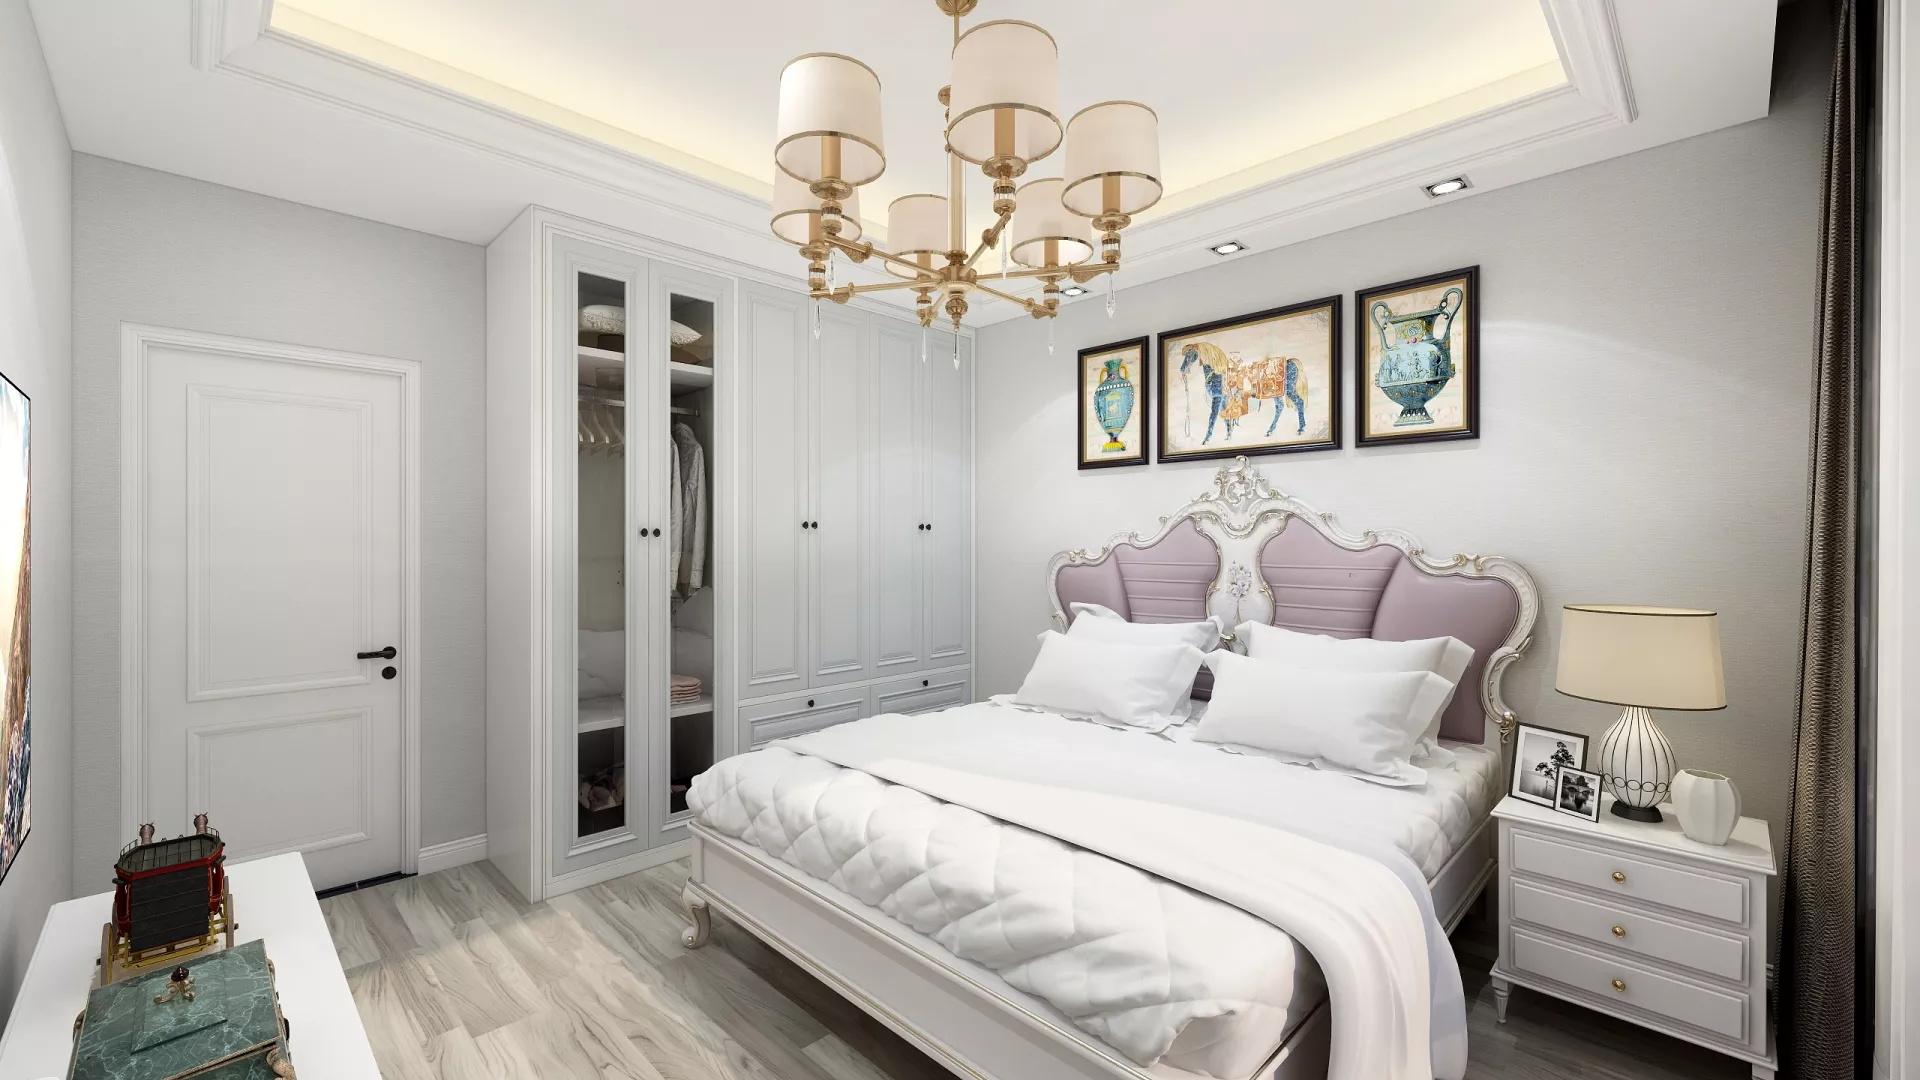 客厅要怎么装修 客厅装修设计技巧有哪些